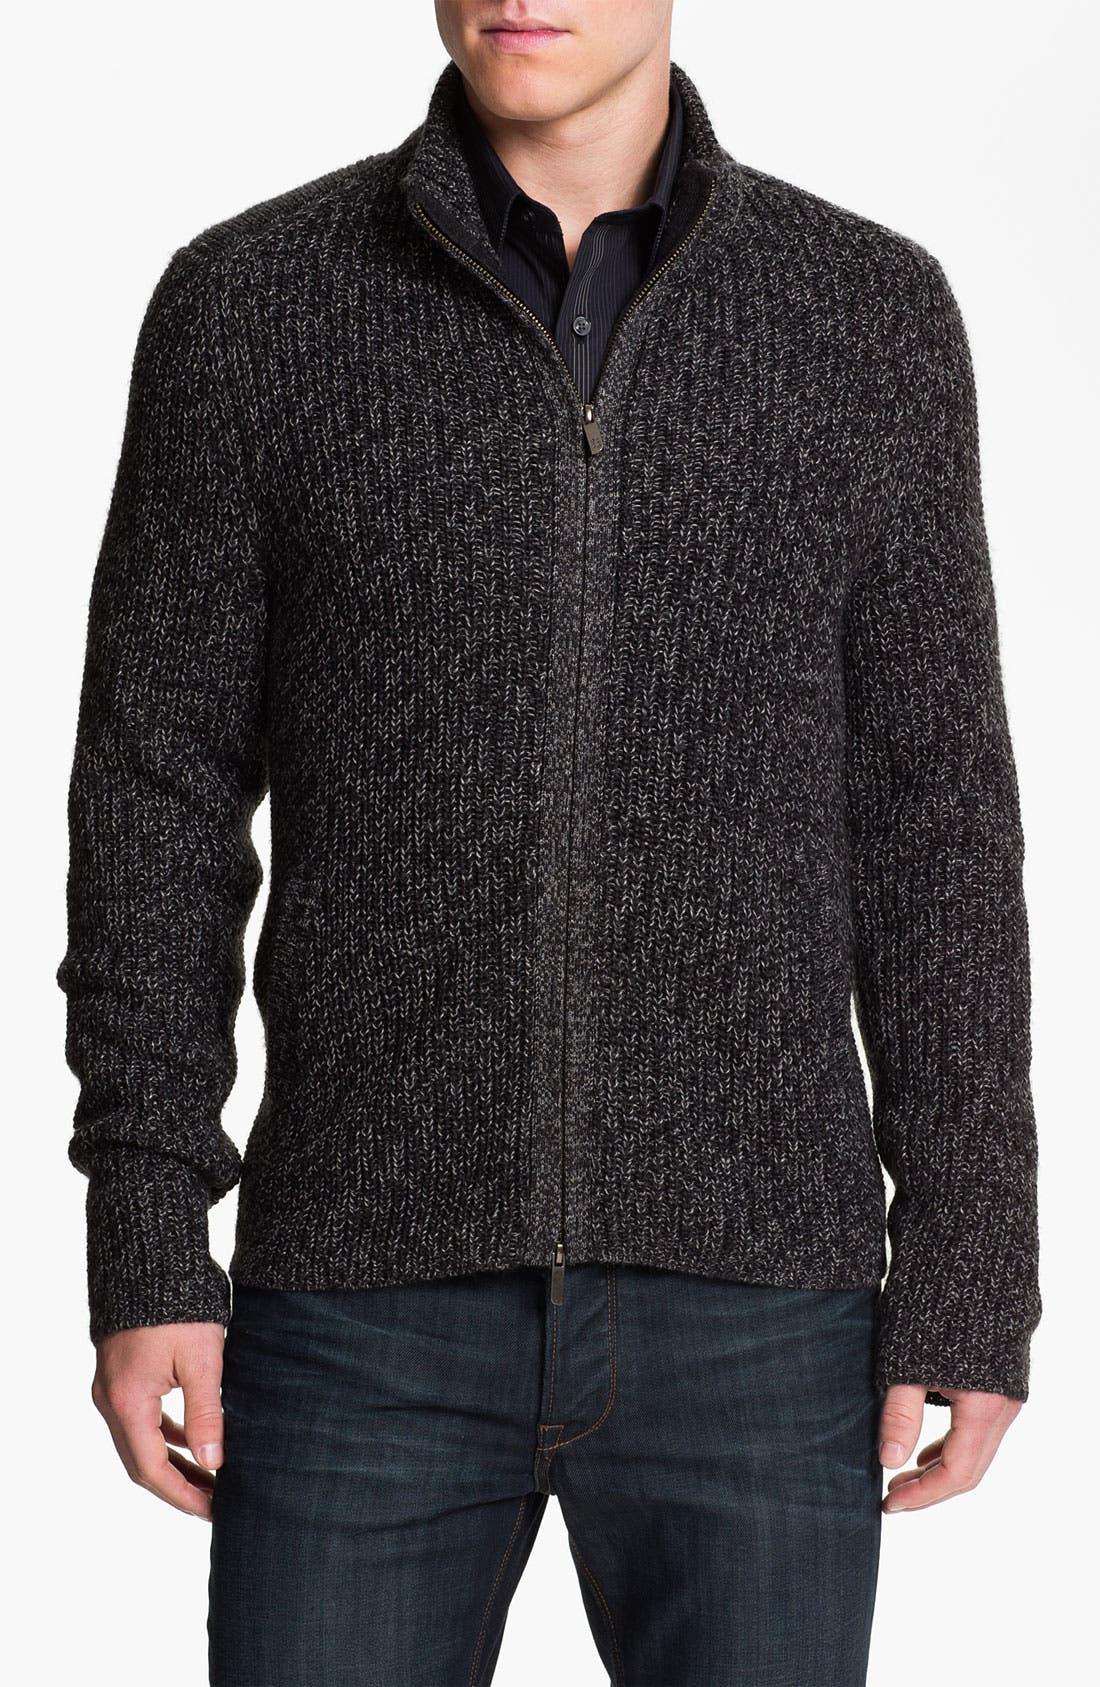 Alternate Image 1 Selected - Calibrate 'Altman' Wool Blend Zip Cardigan